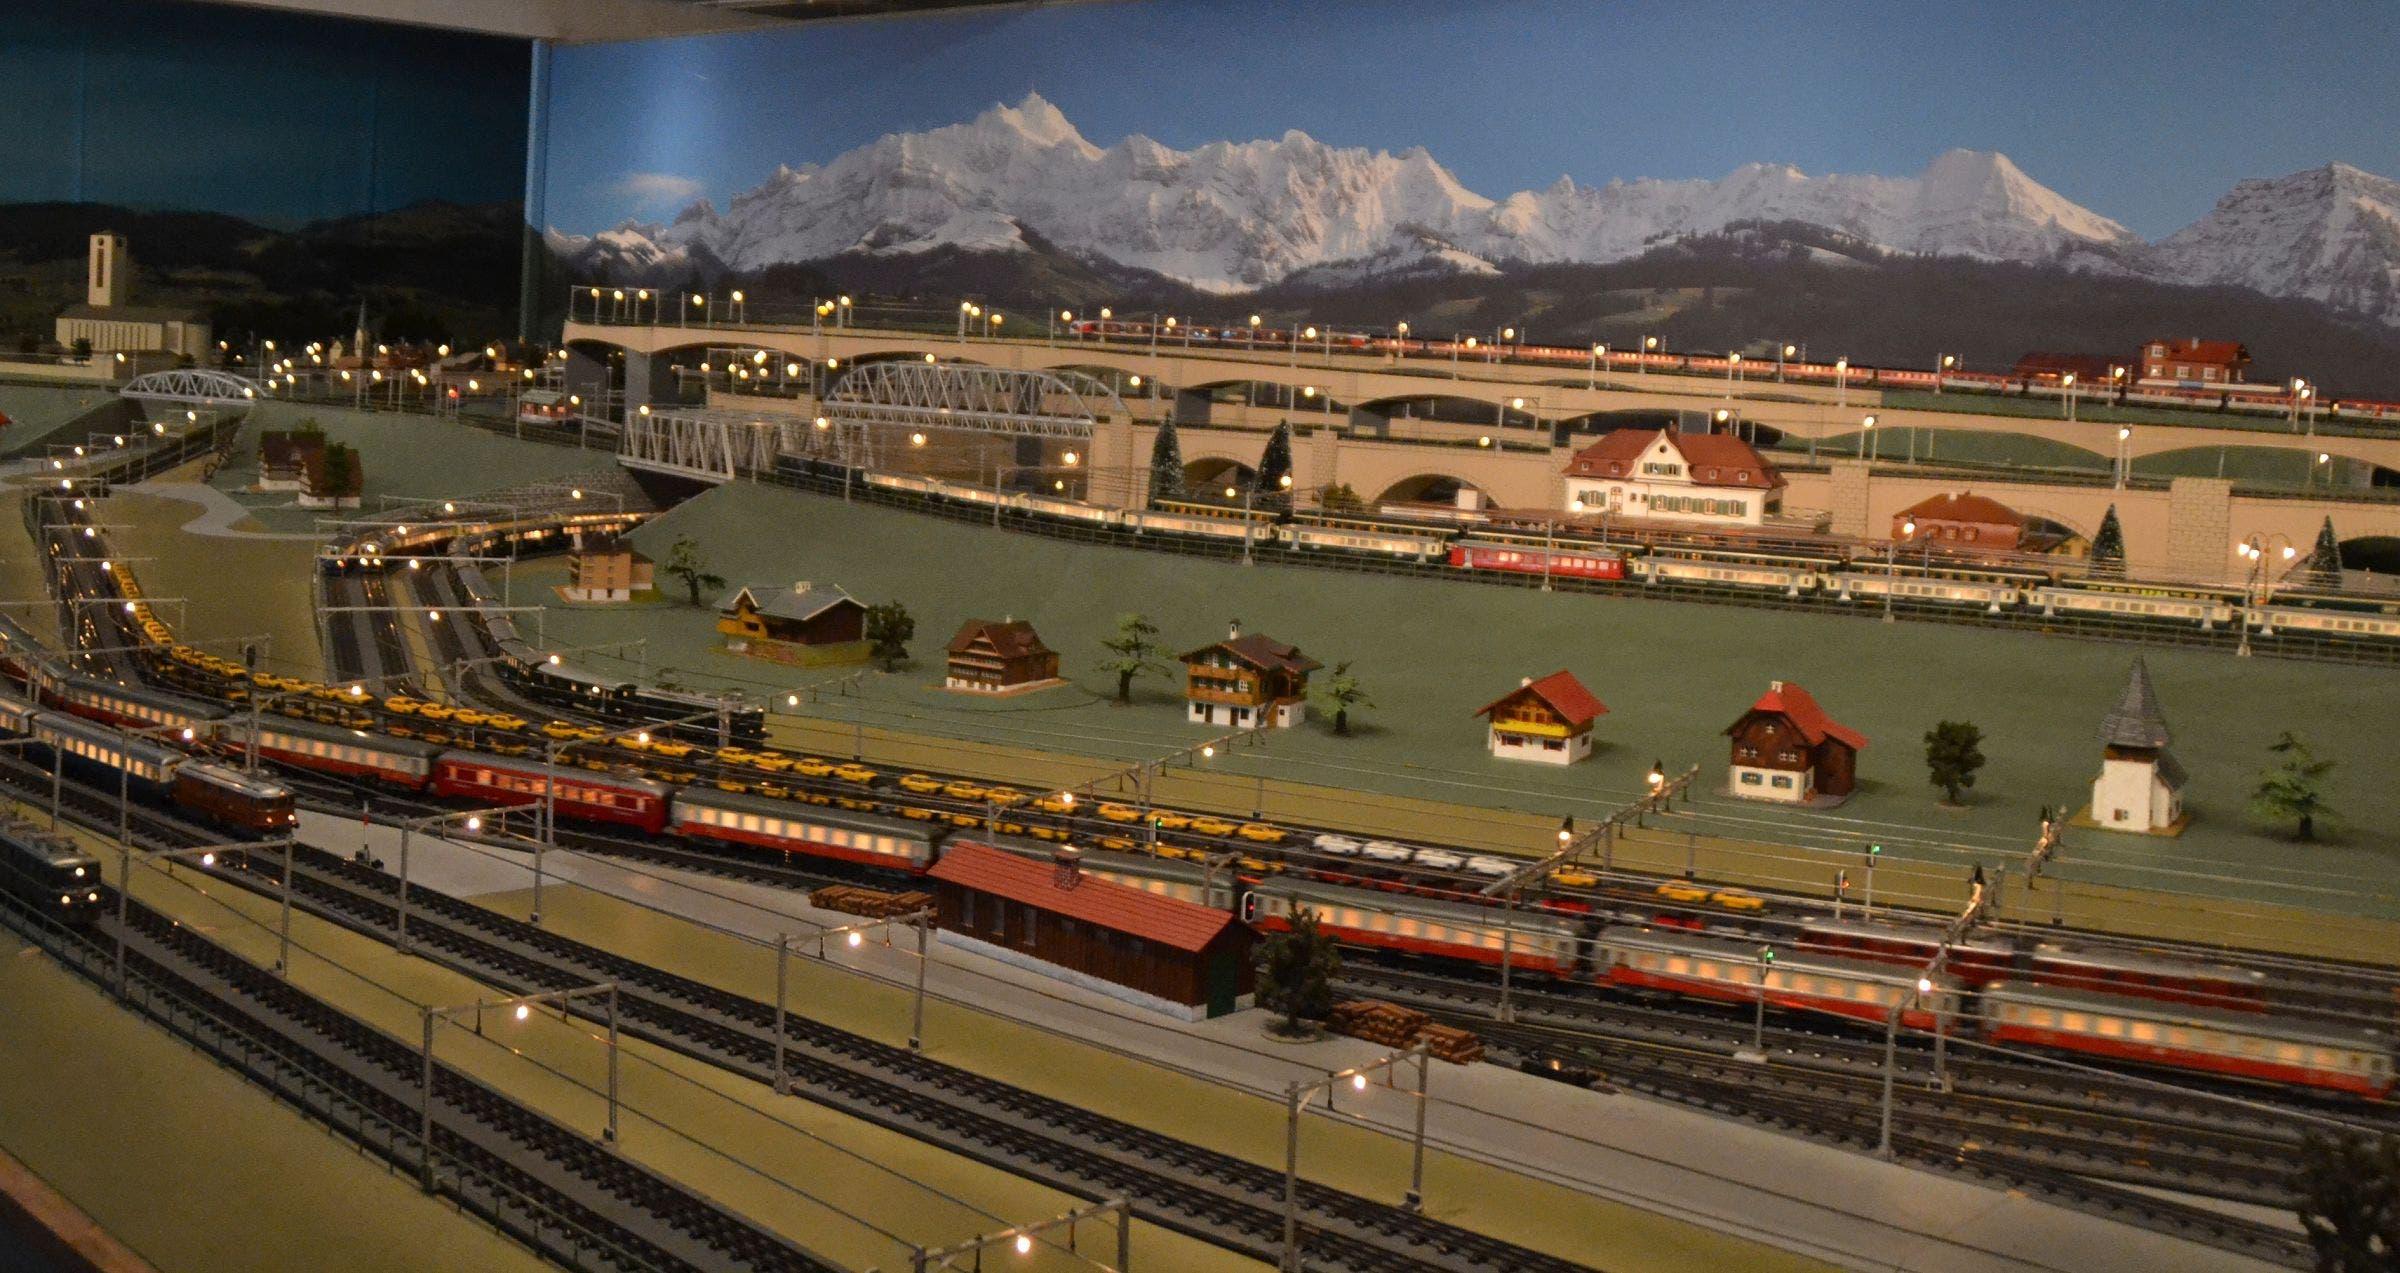 Blick auf einen Teil der Bahnanlage, in der Bildmitte der Bahnhof Wattwil.